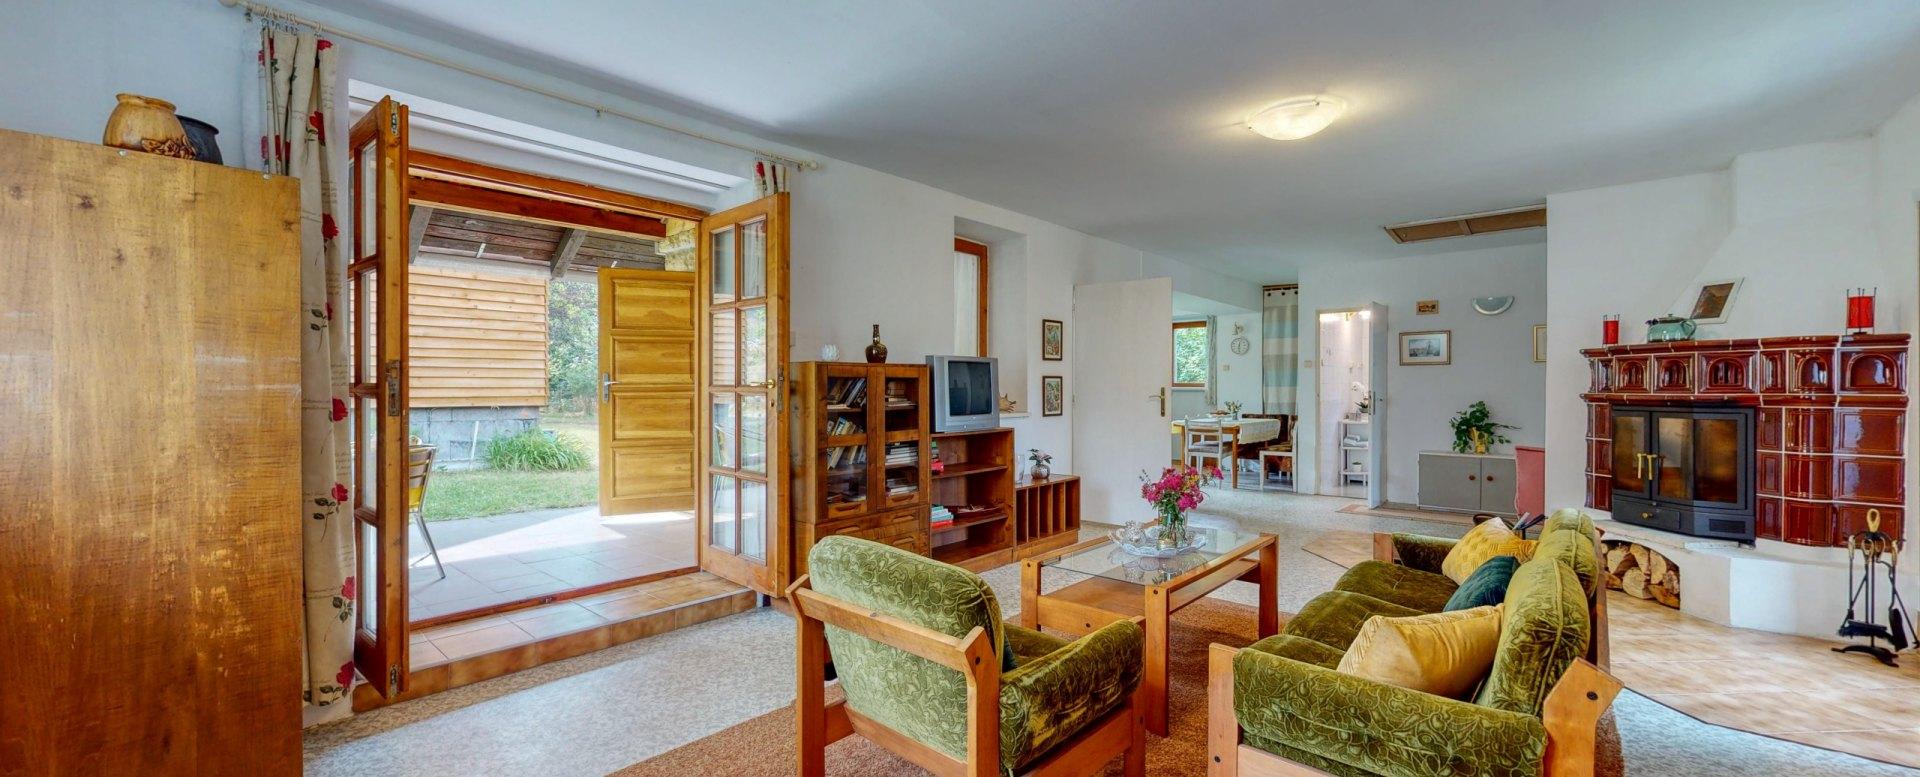 Pohľad do obývacej izby s nábytkom a TV